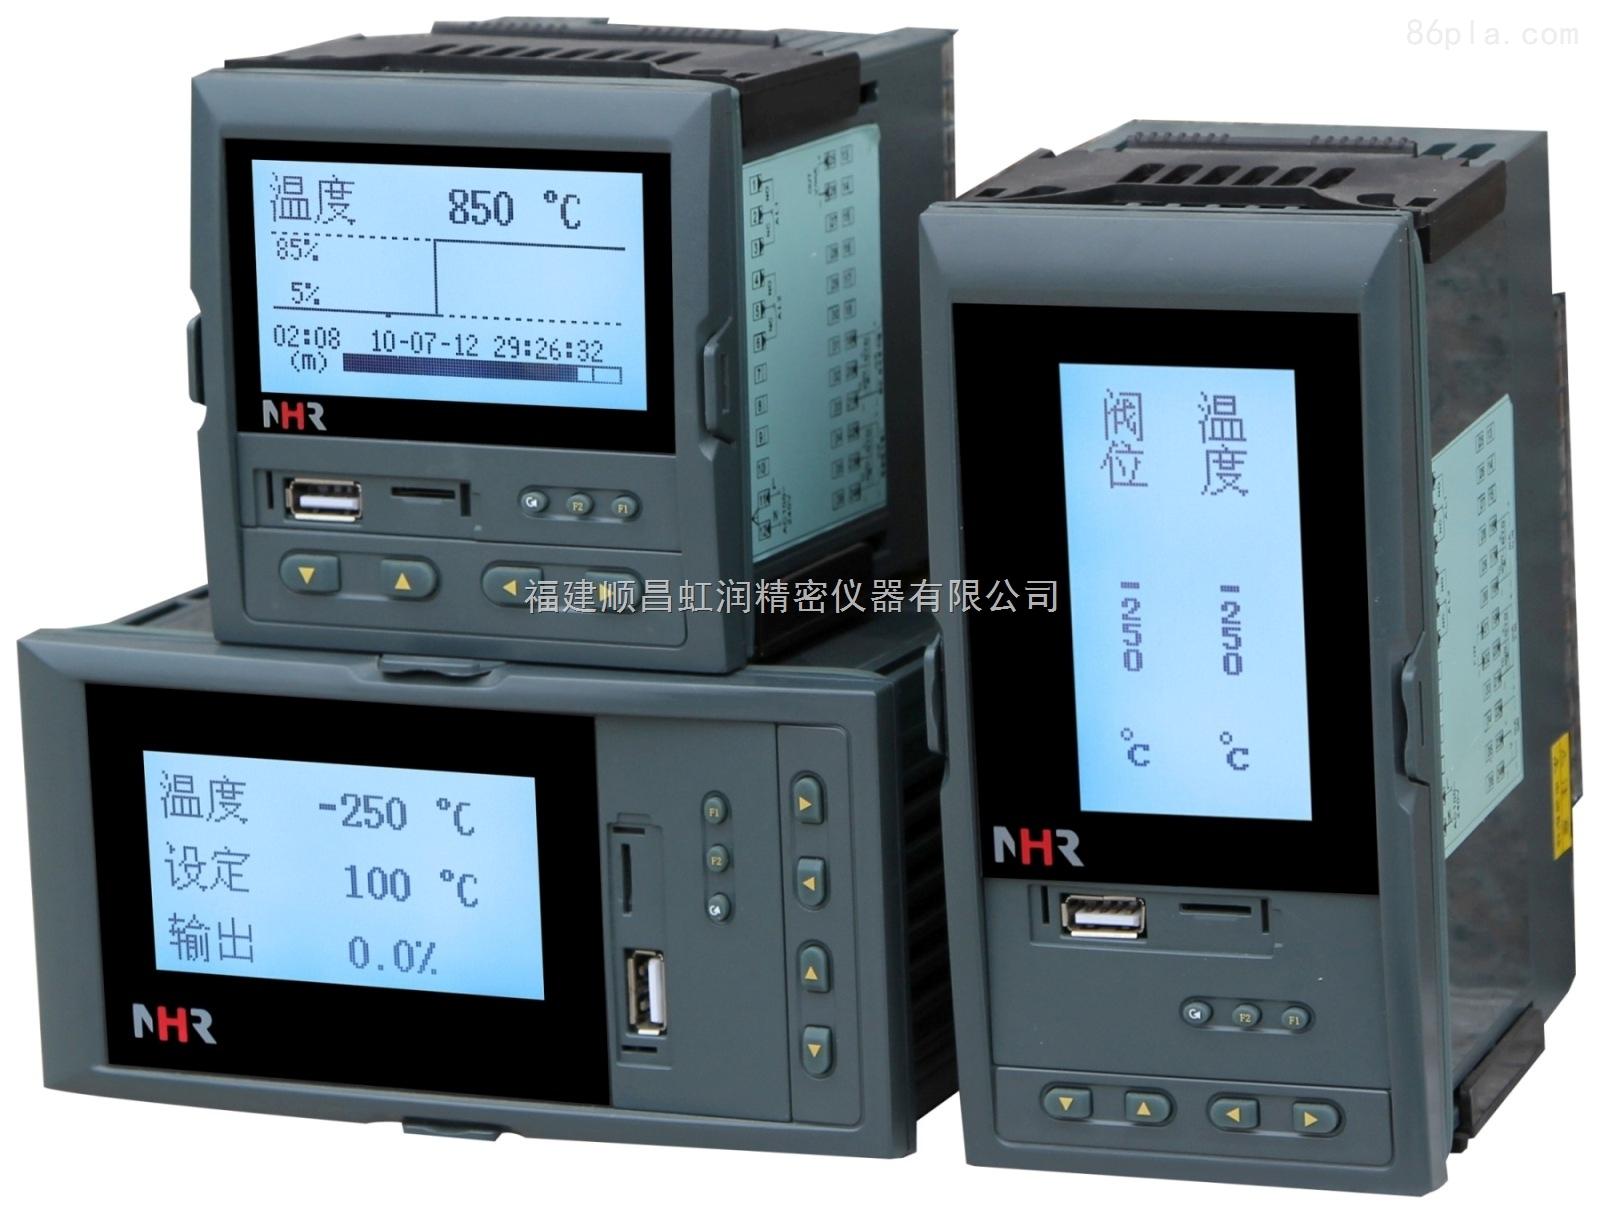 虹润液晶温控调节记录仪